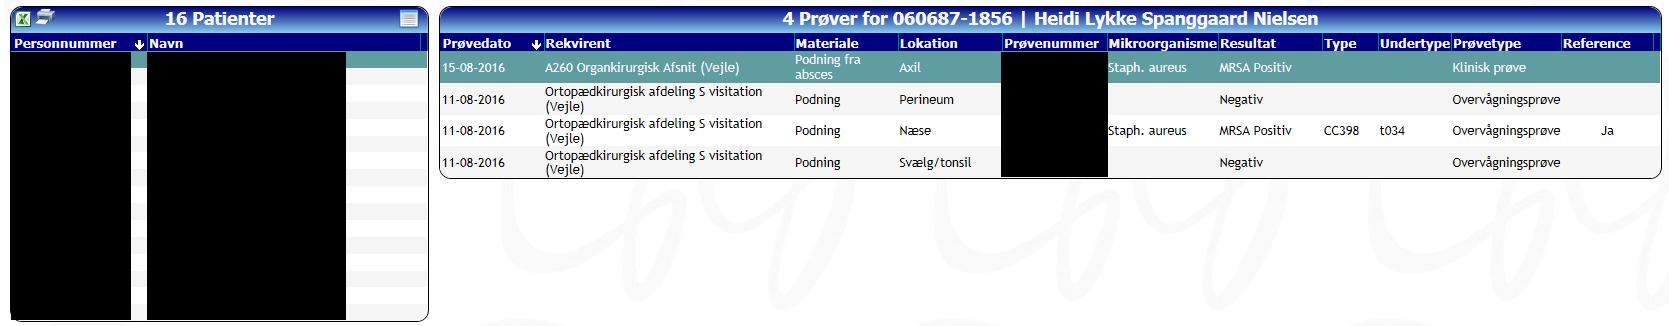 SøgningAfPatienter050916